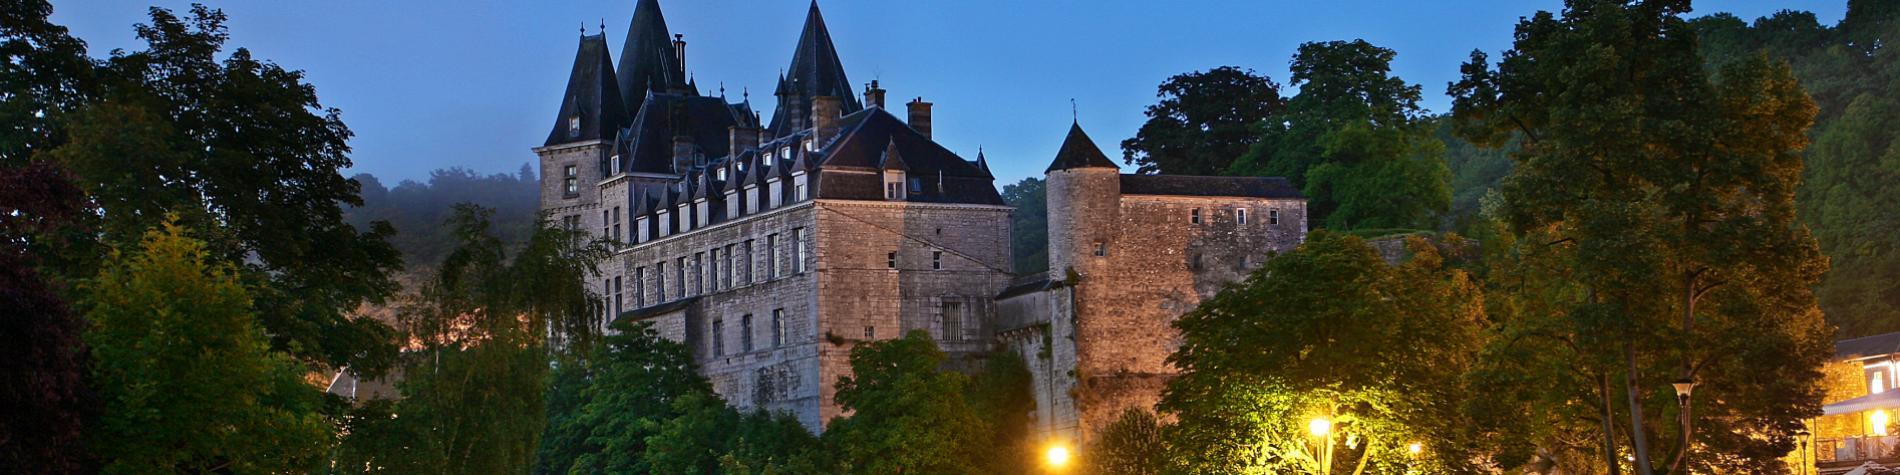 Château - Durbuy - nuit - éclairage